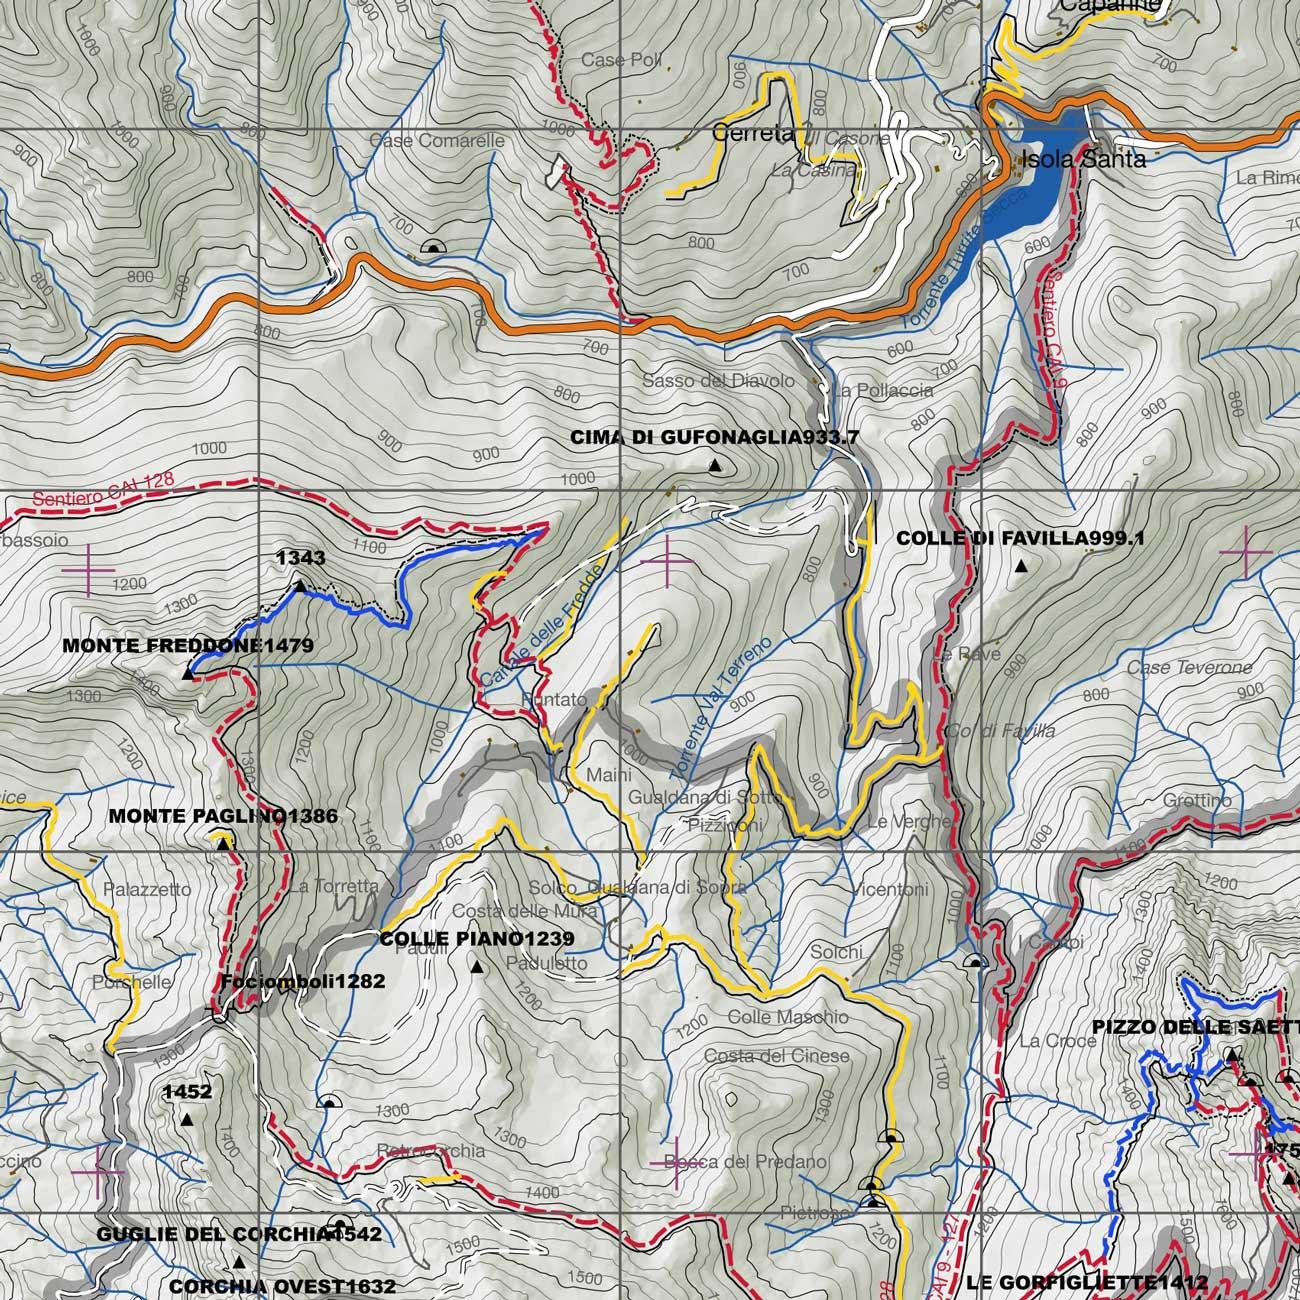 Cartine escursionistiche: quale supporto scegliere?